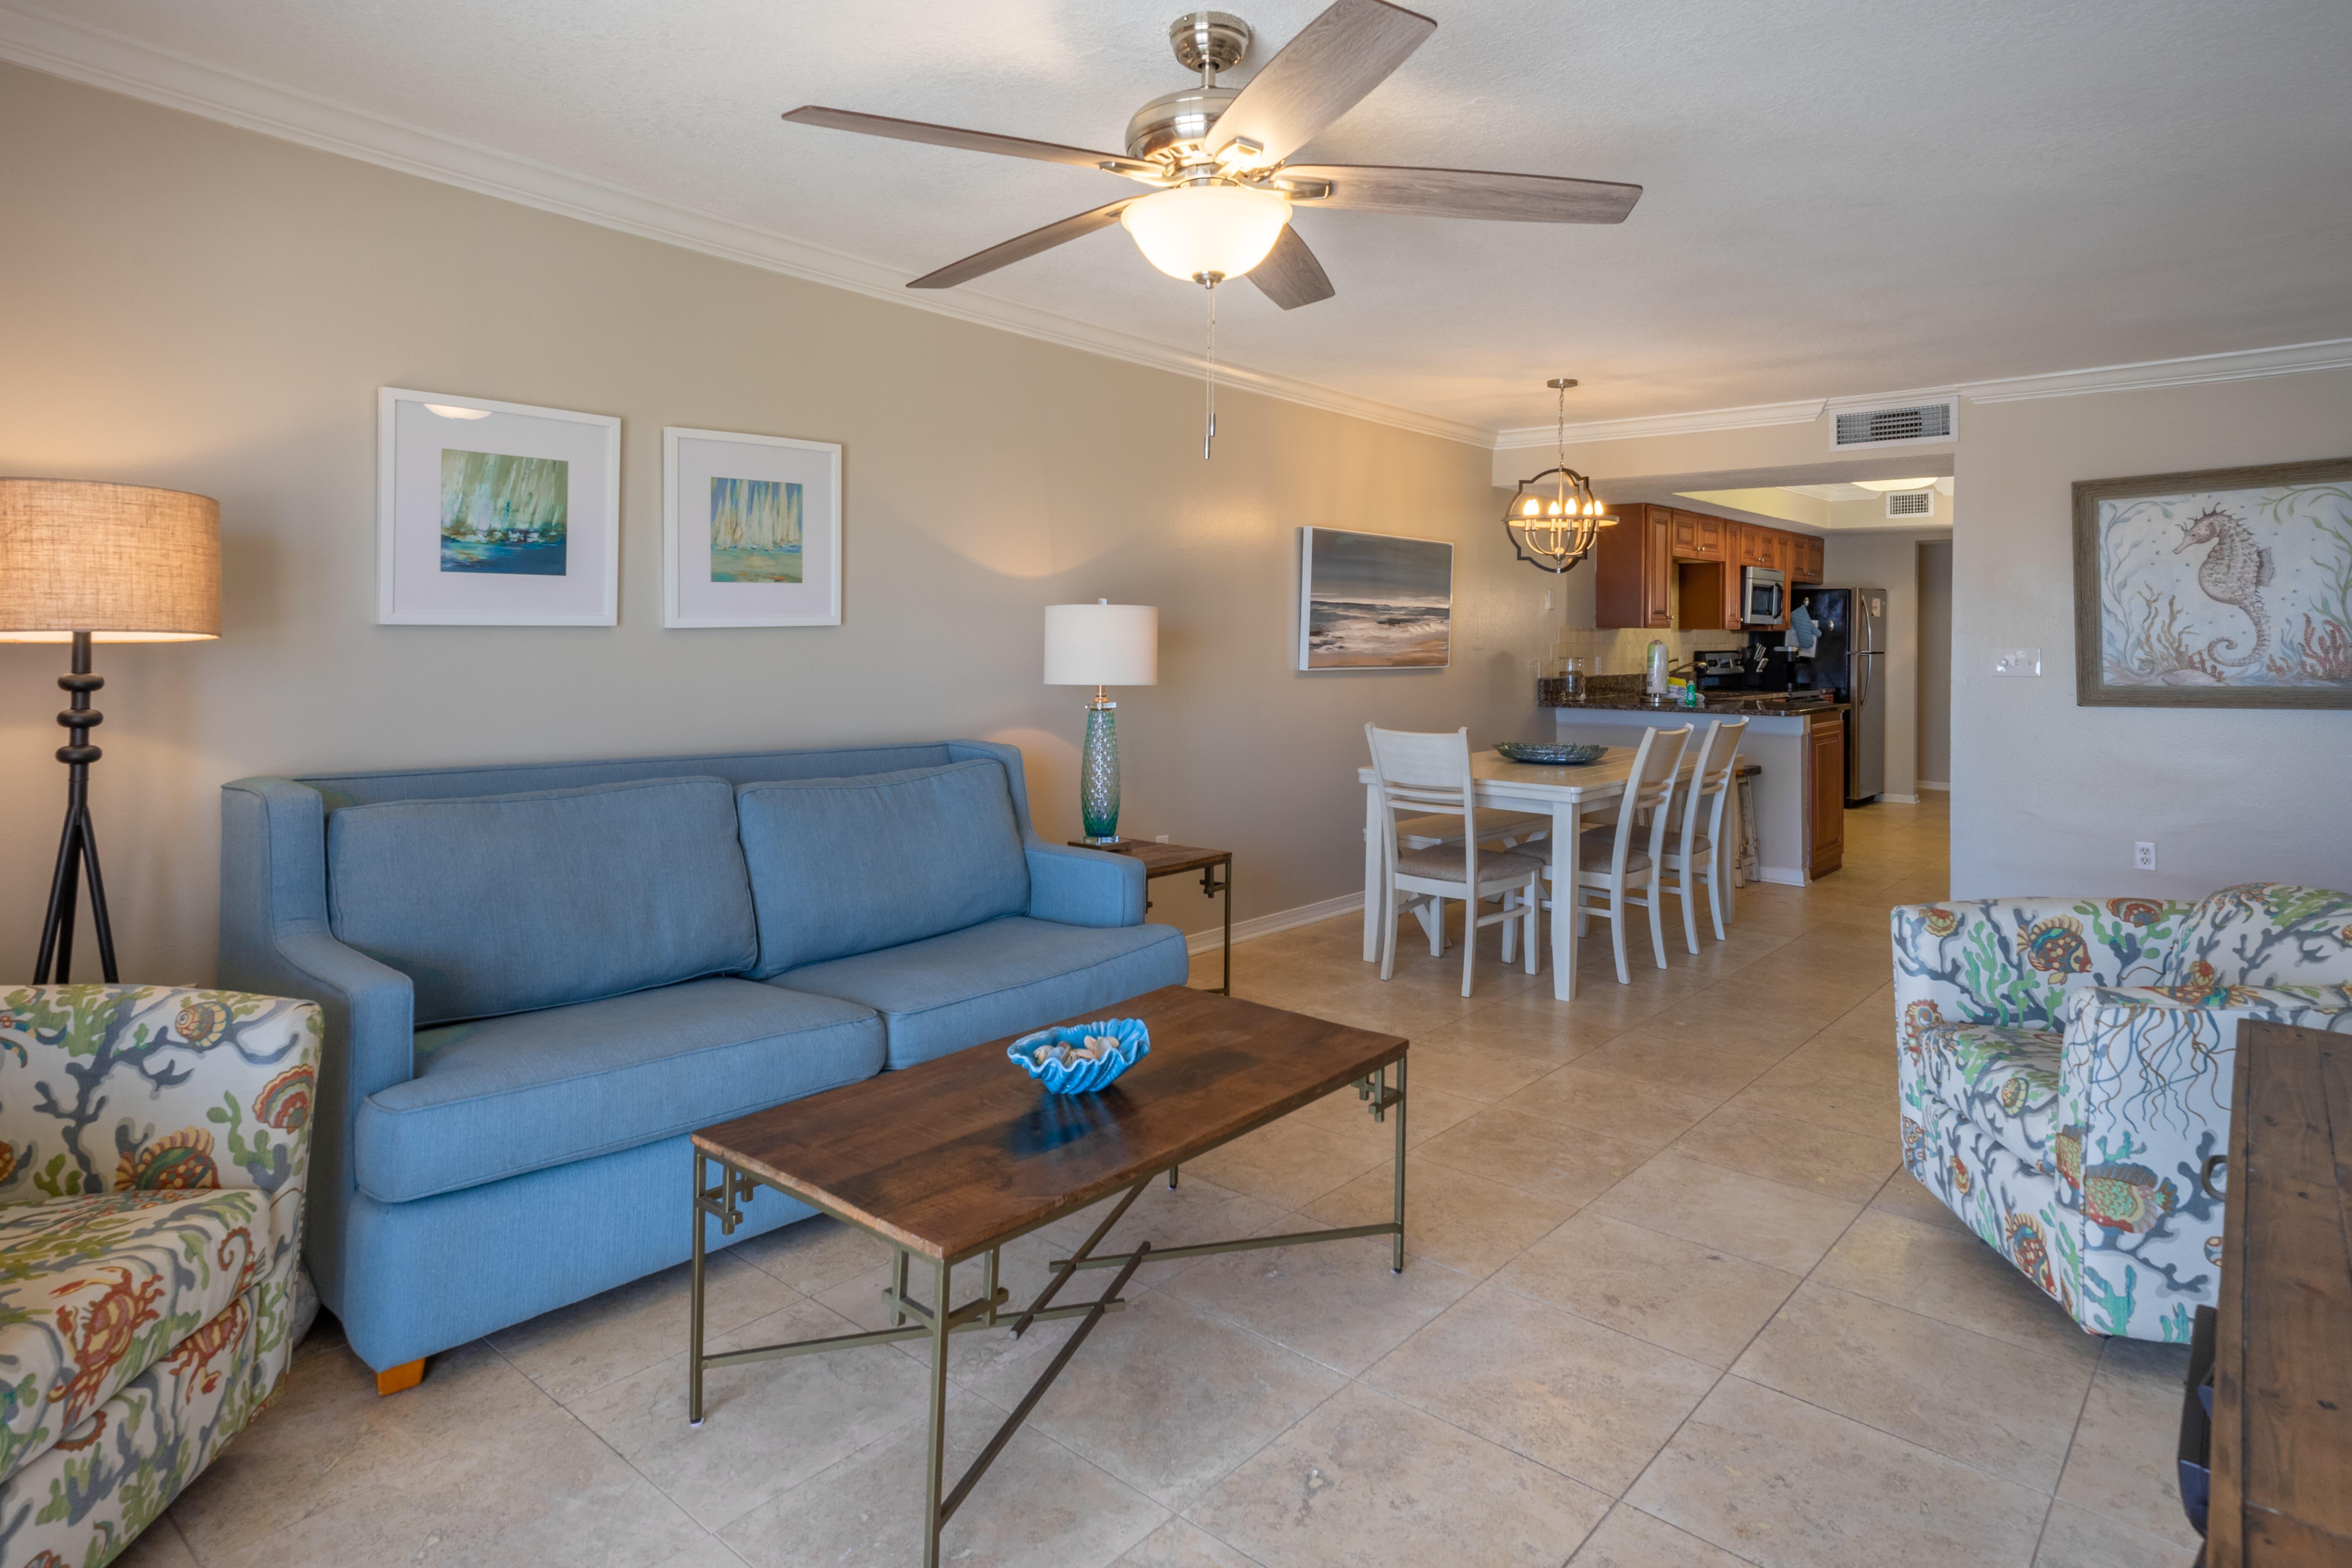 Ocean House 2201 Condo rental in Ocean House - Gulf Shores in Gulf Shores Alabama - #2